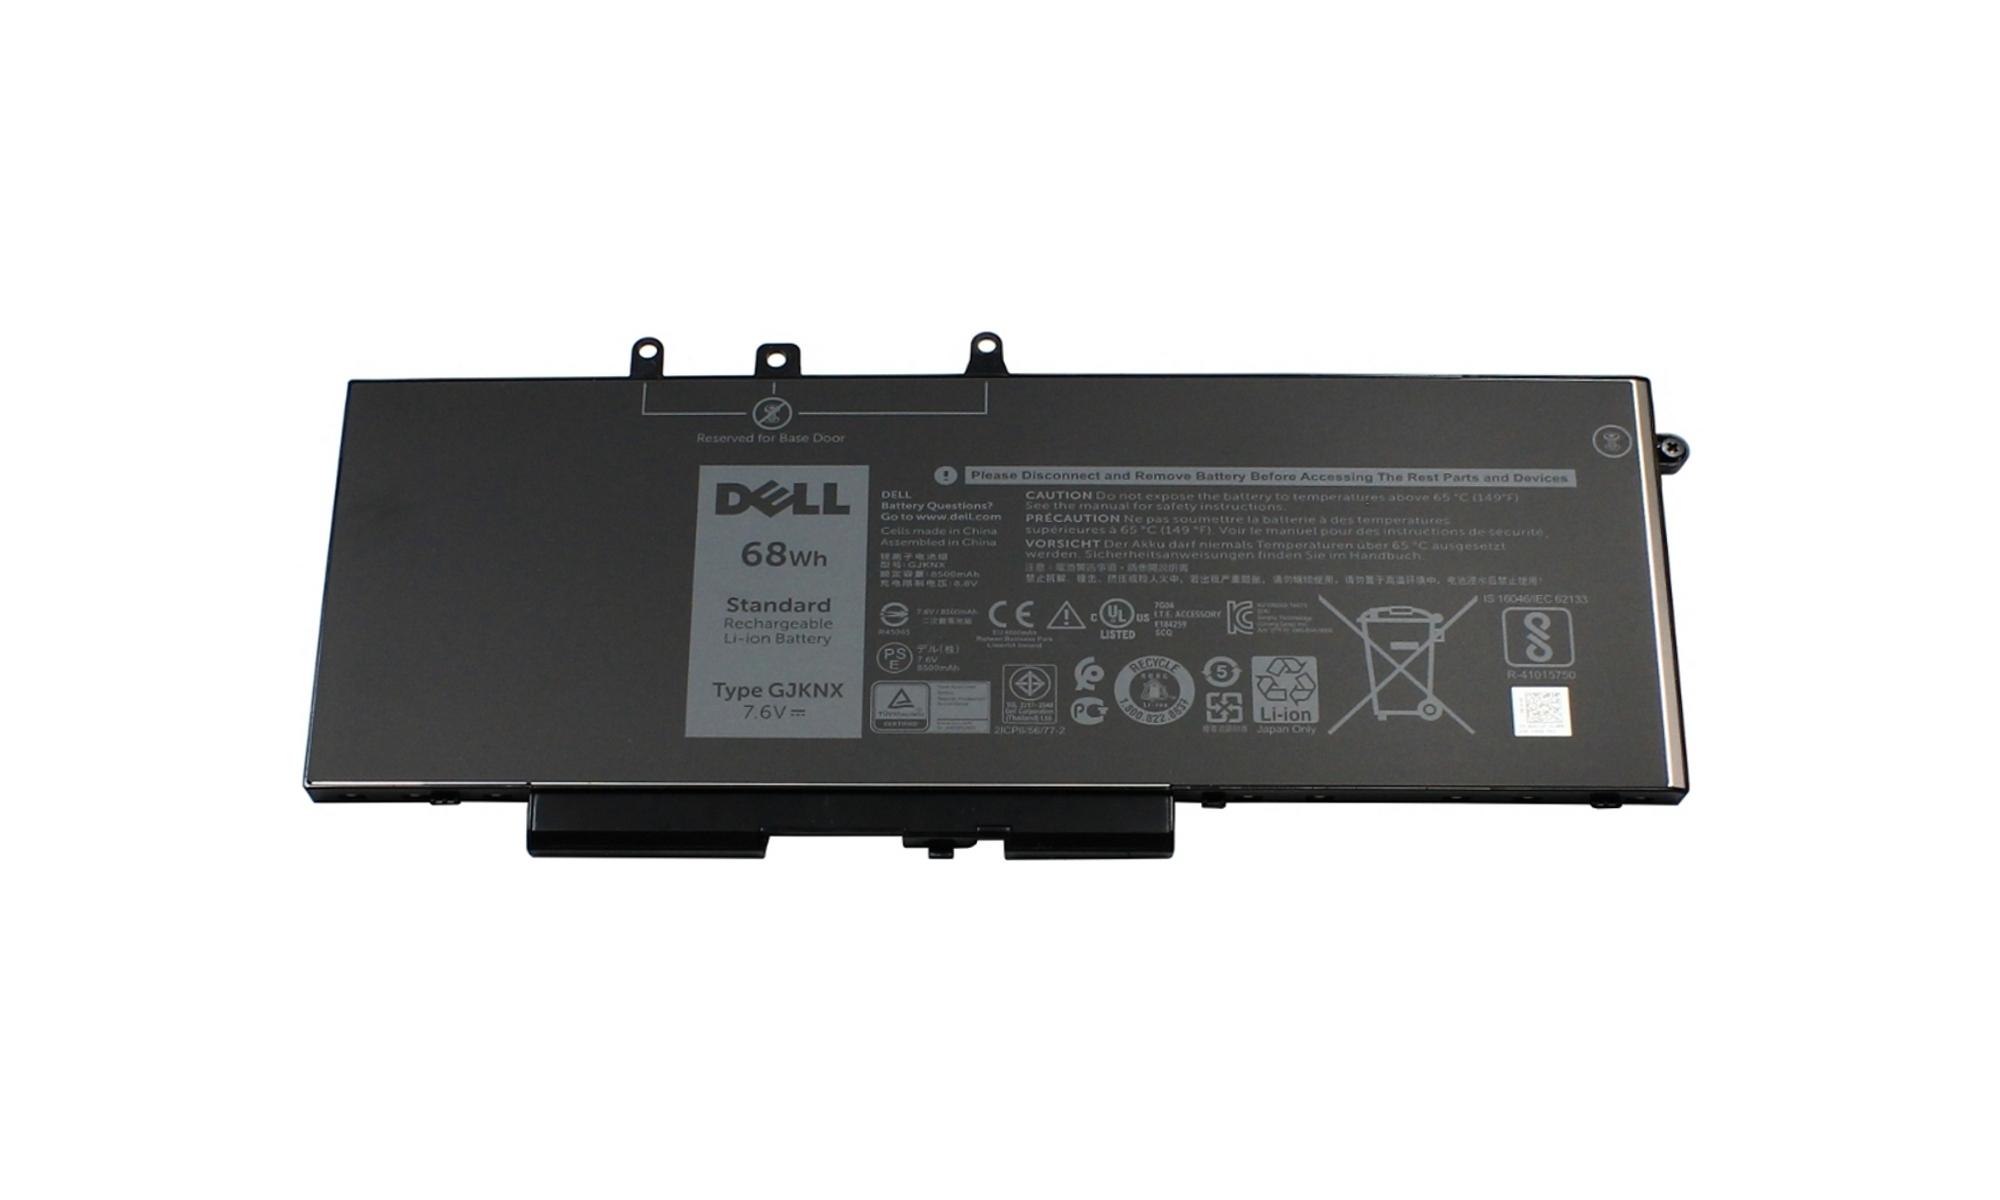 Baterie originala Dell Precision 3520, 68Wh